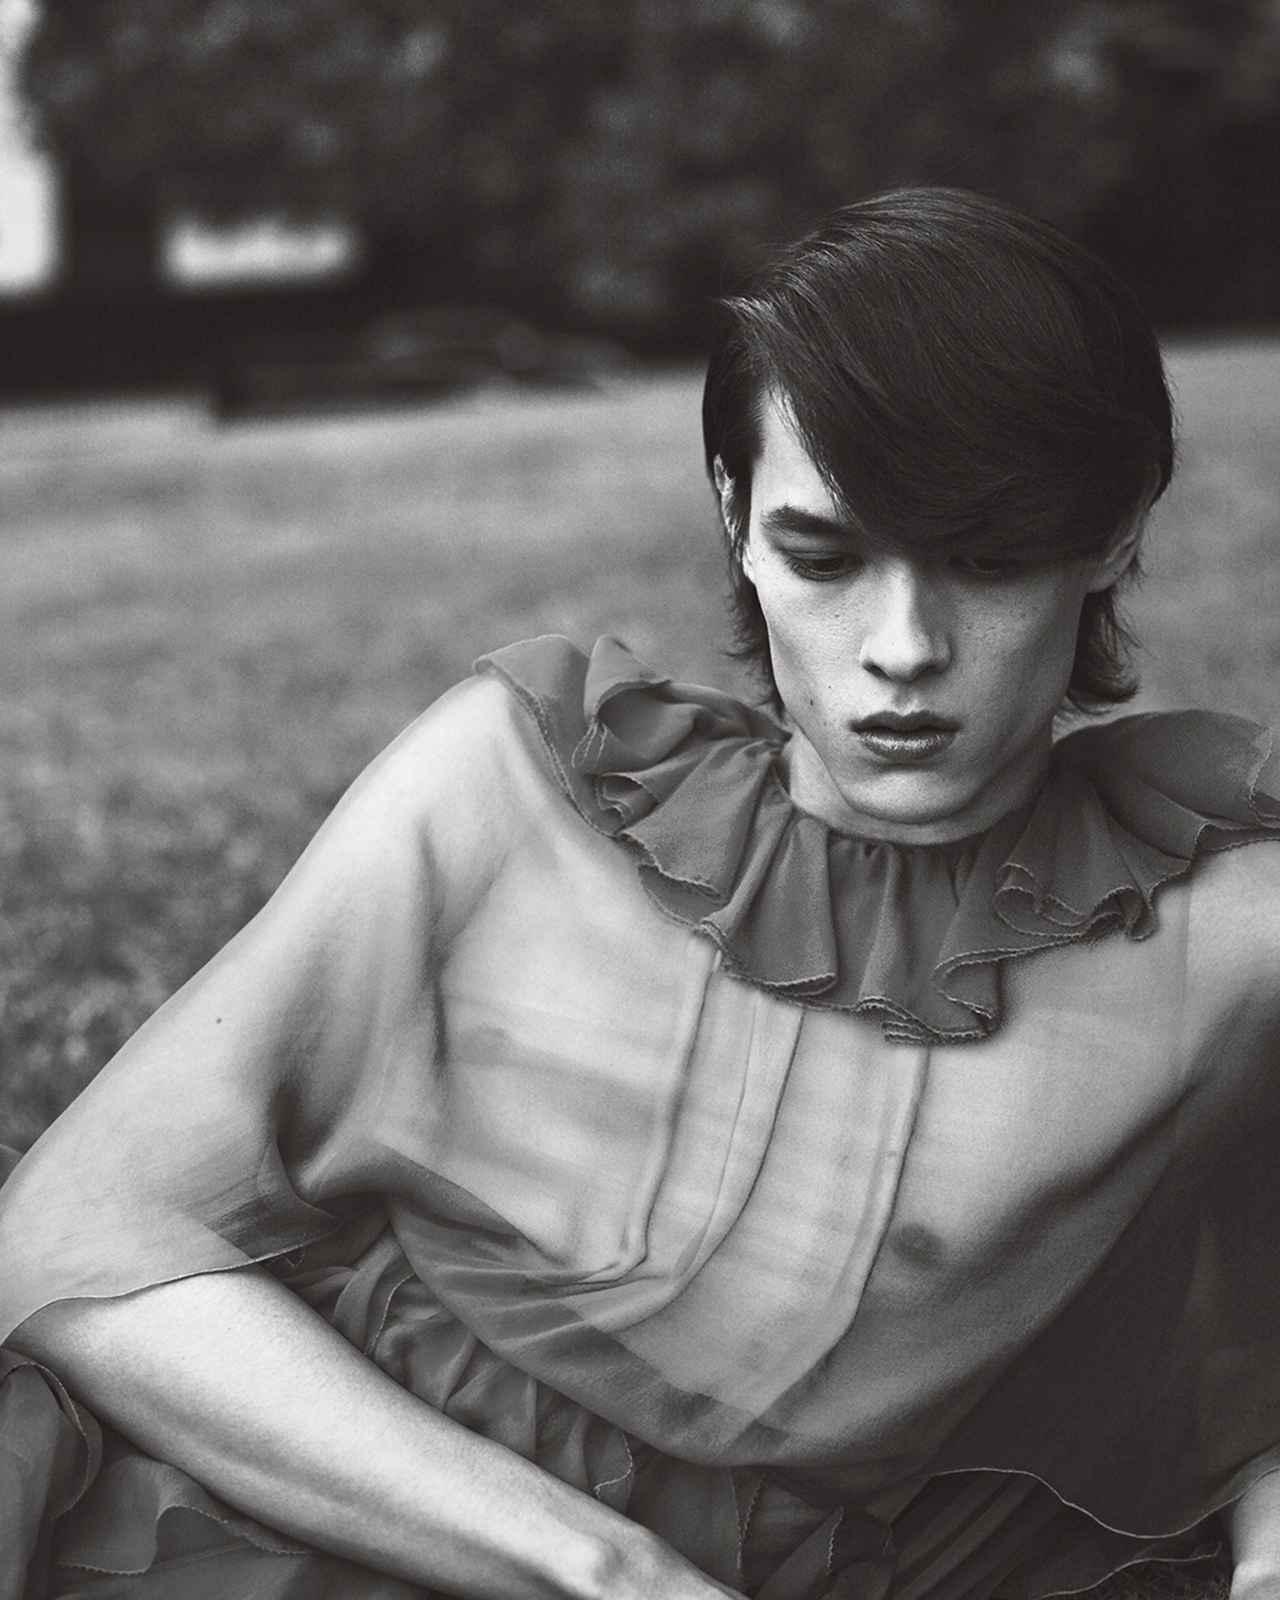 Images : 5番目の画像 - 「「シャツ」が誘う ジェンダーの枠をはずした 自由な精神の輝く新世界」のアルバム - T JAPAN:The New York Times Style Magazine 公式サイト